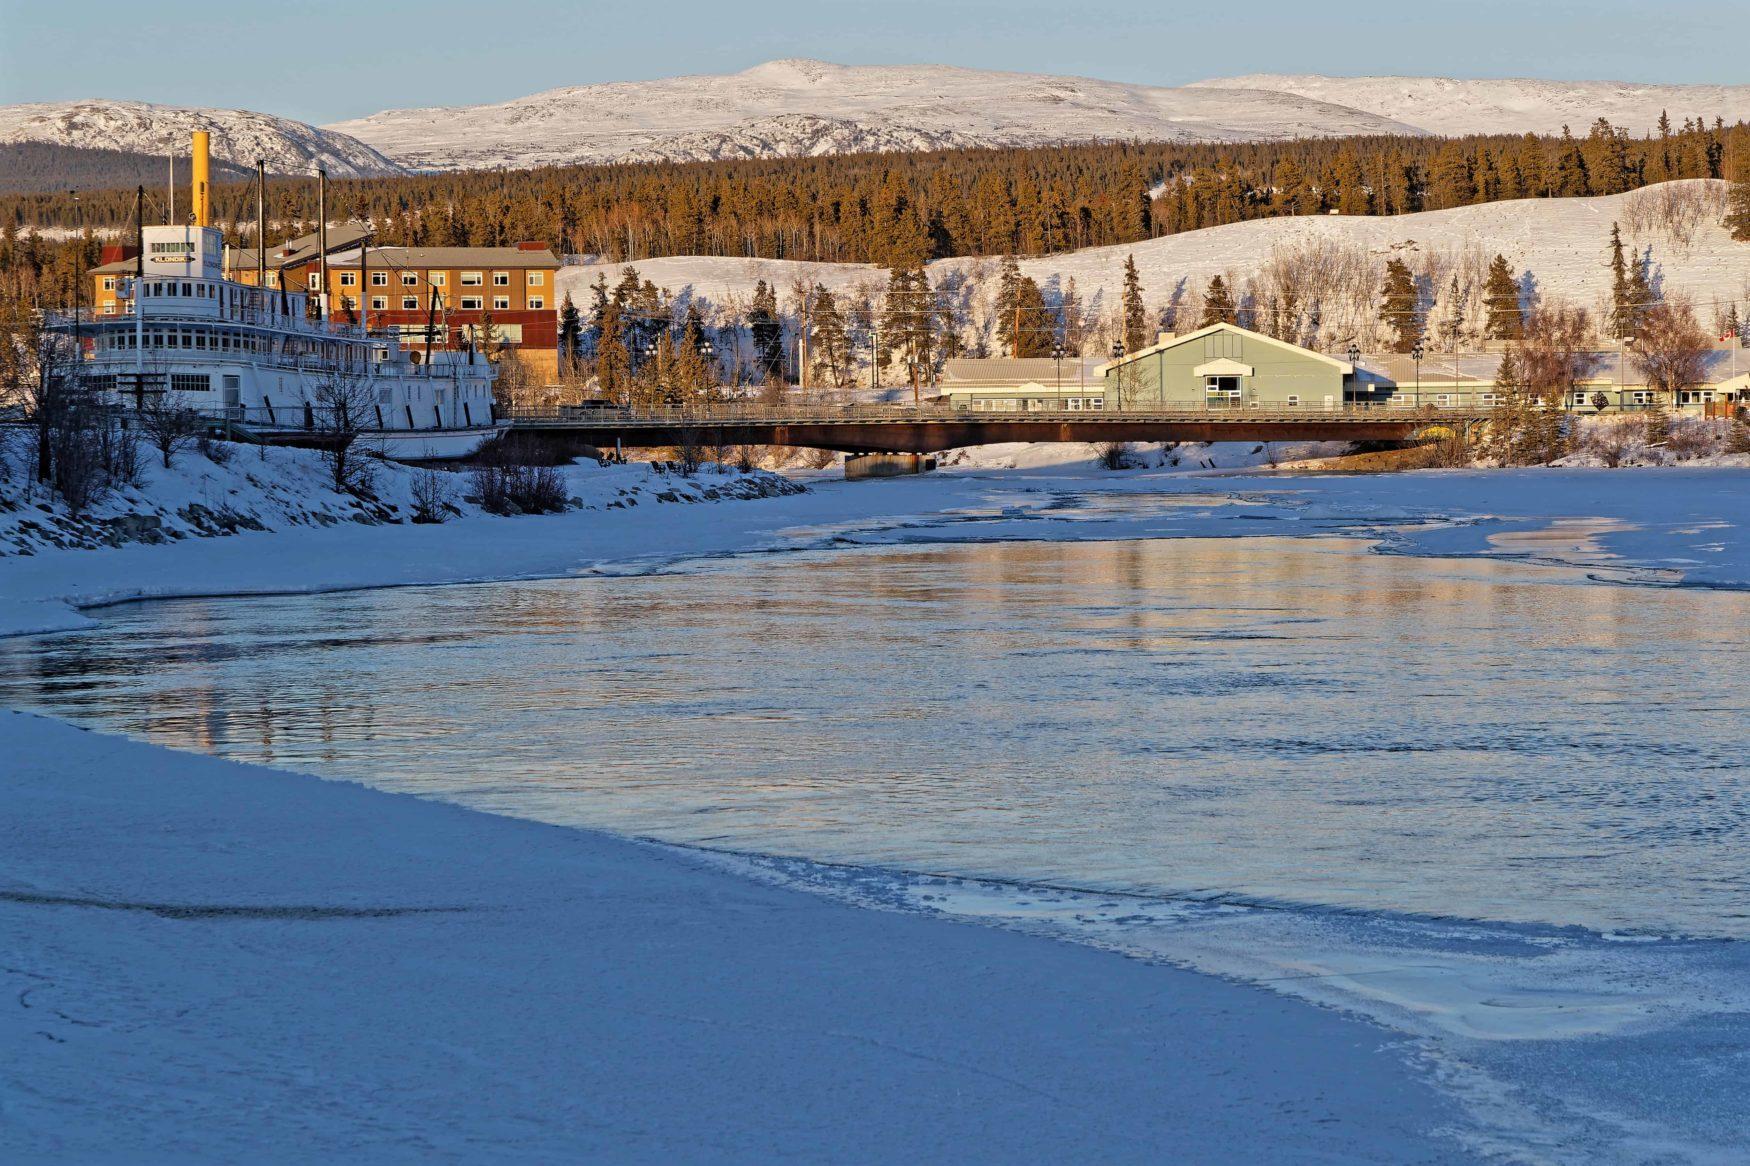 Sonnenuntergang am Yukon River in Whitehorse, der Hauptstadt des Yukon und der größten Stadt im Norden Kanadas.